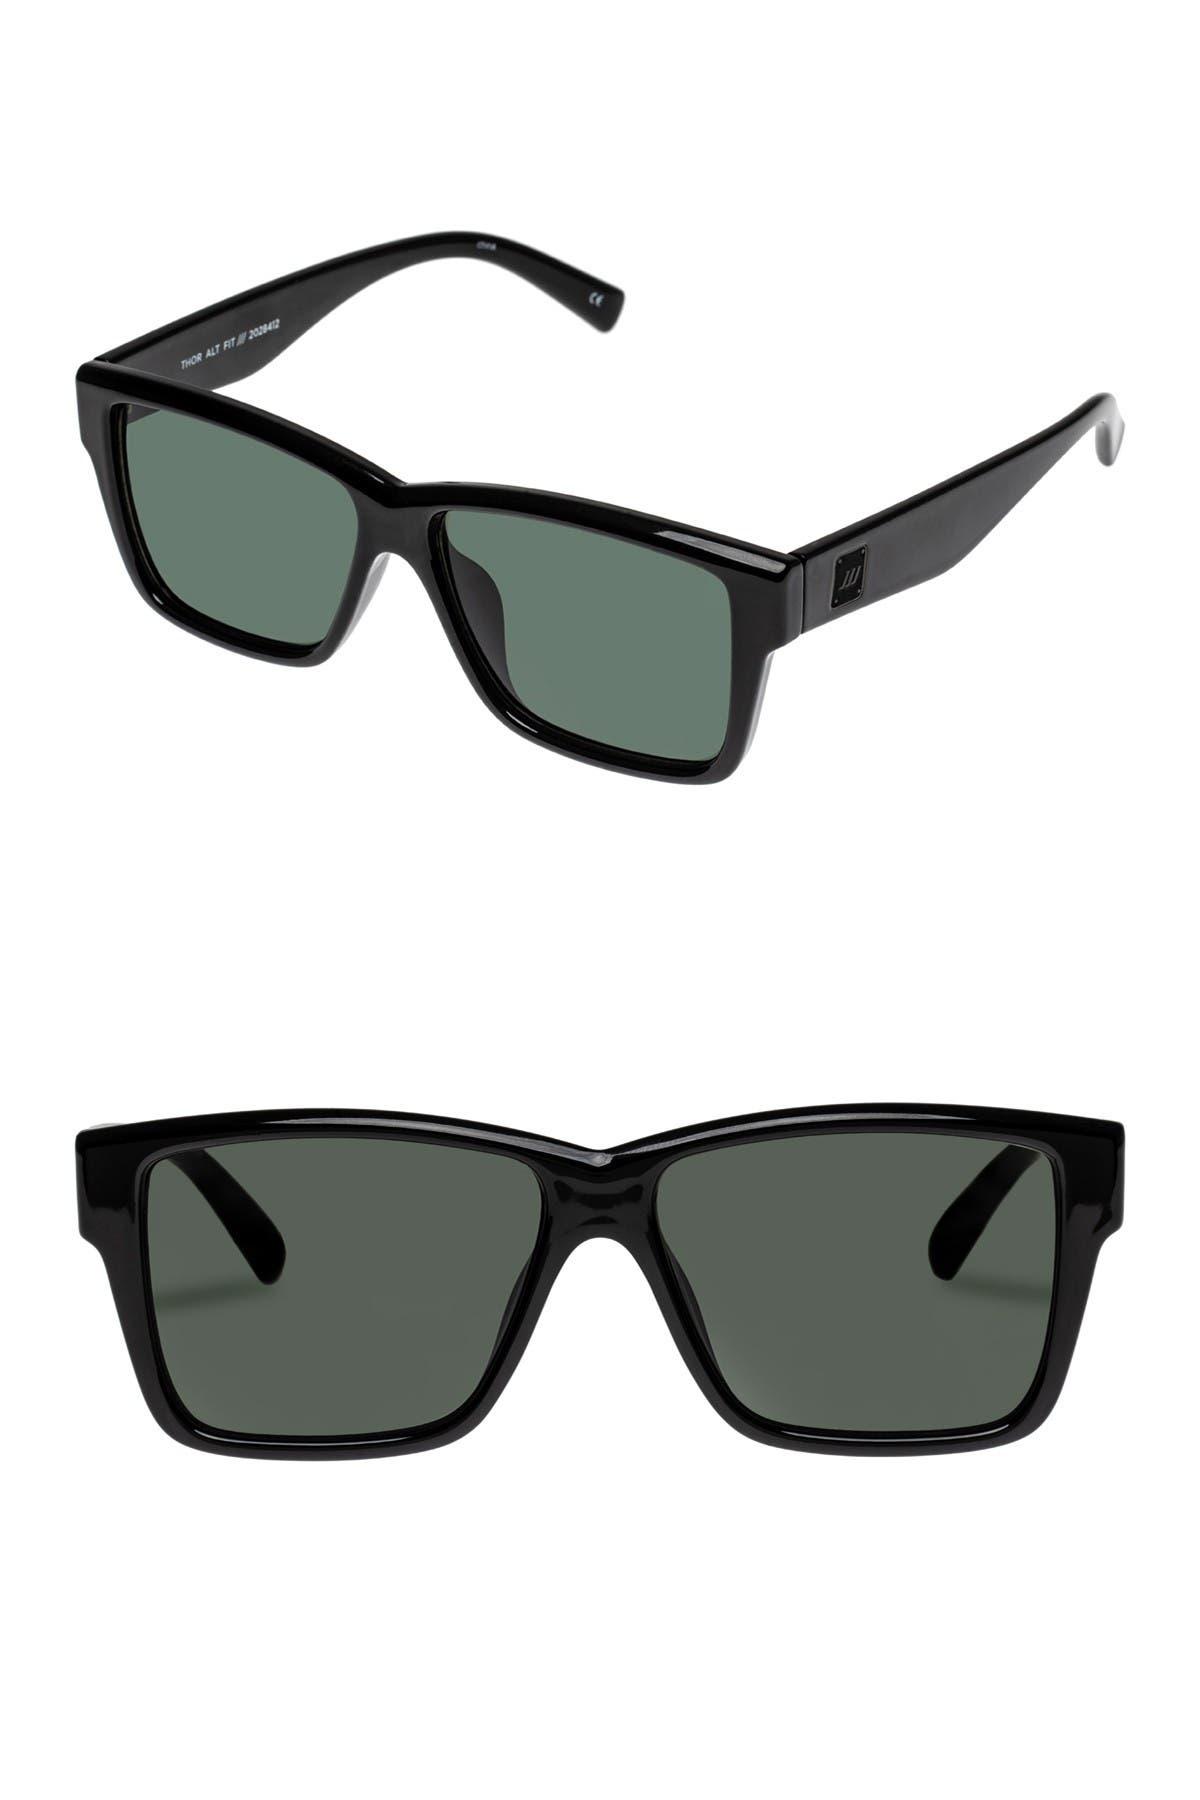 Image of Le Specs Thor 53mm Alt Fit Wayfarer Sunglasses